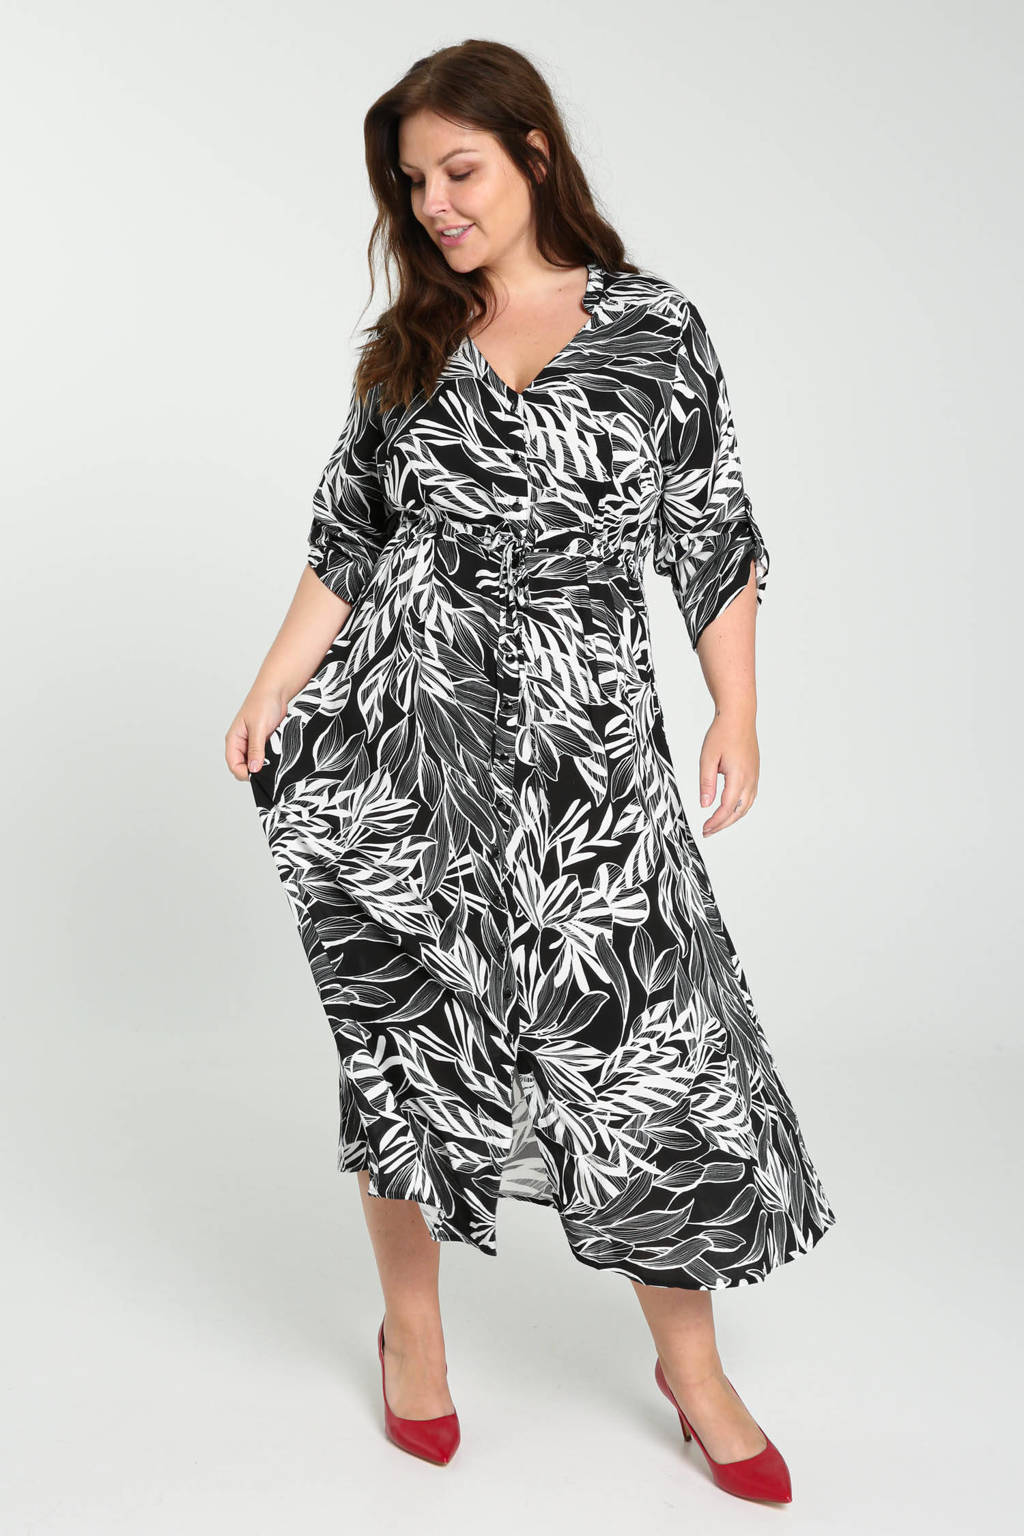 PROMISS jurk met bladprint zwart/wit, Zwart/wit